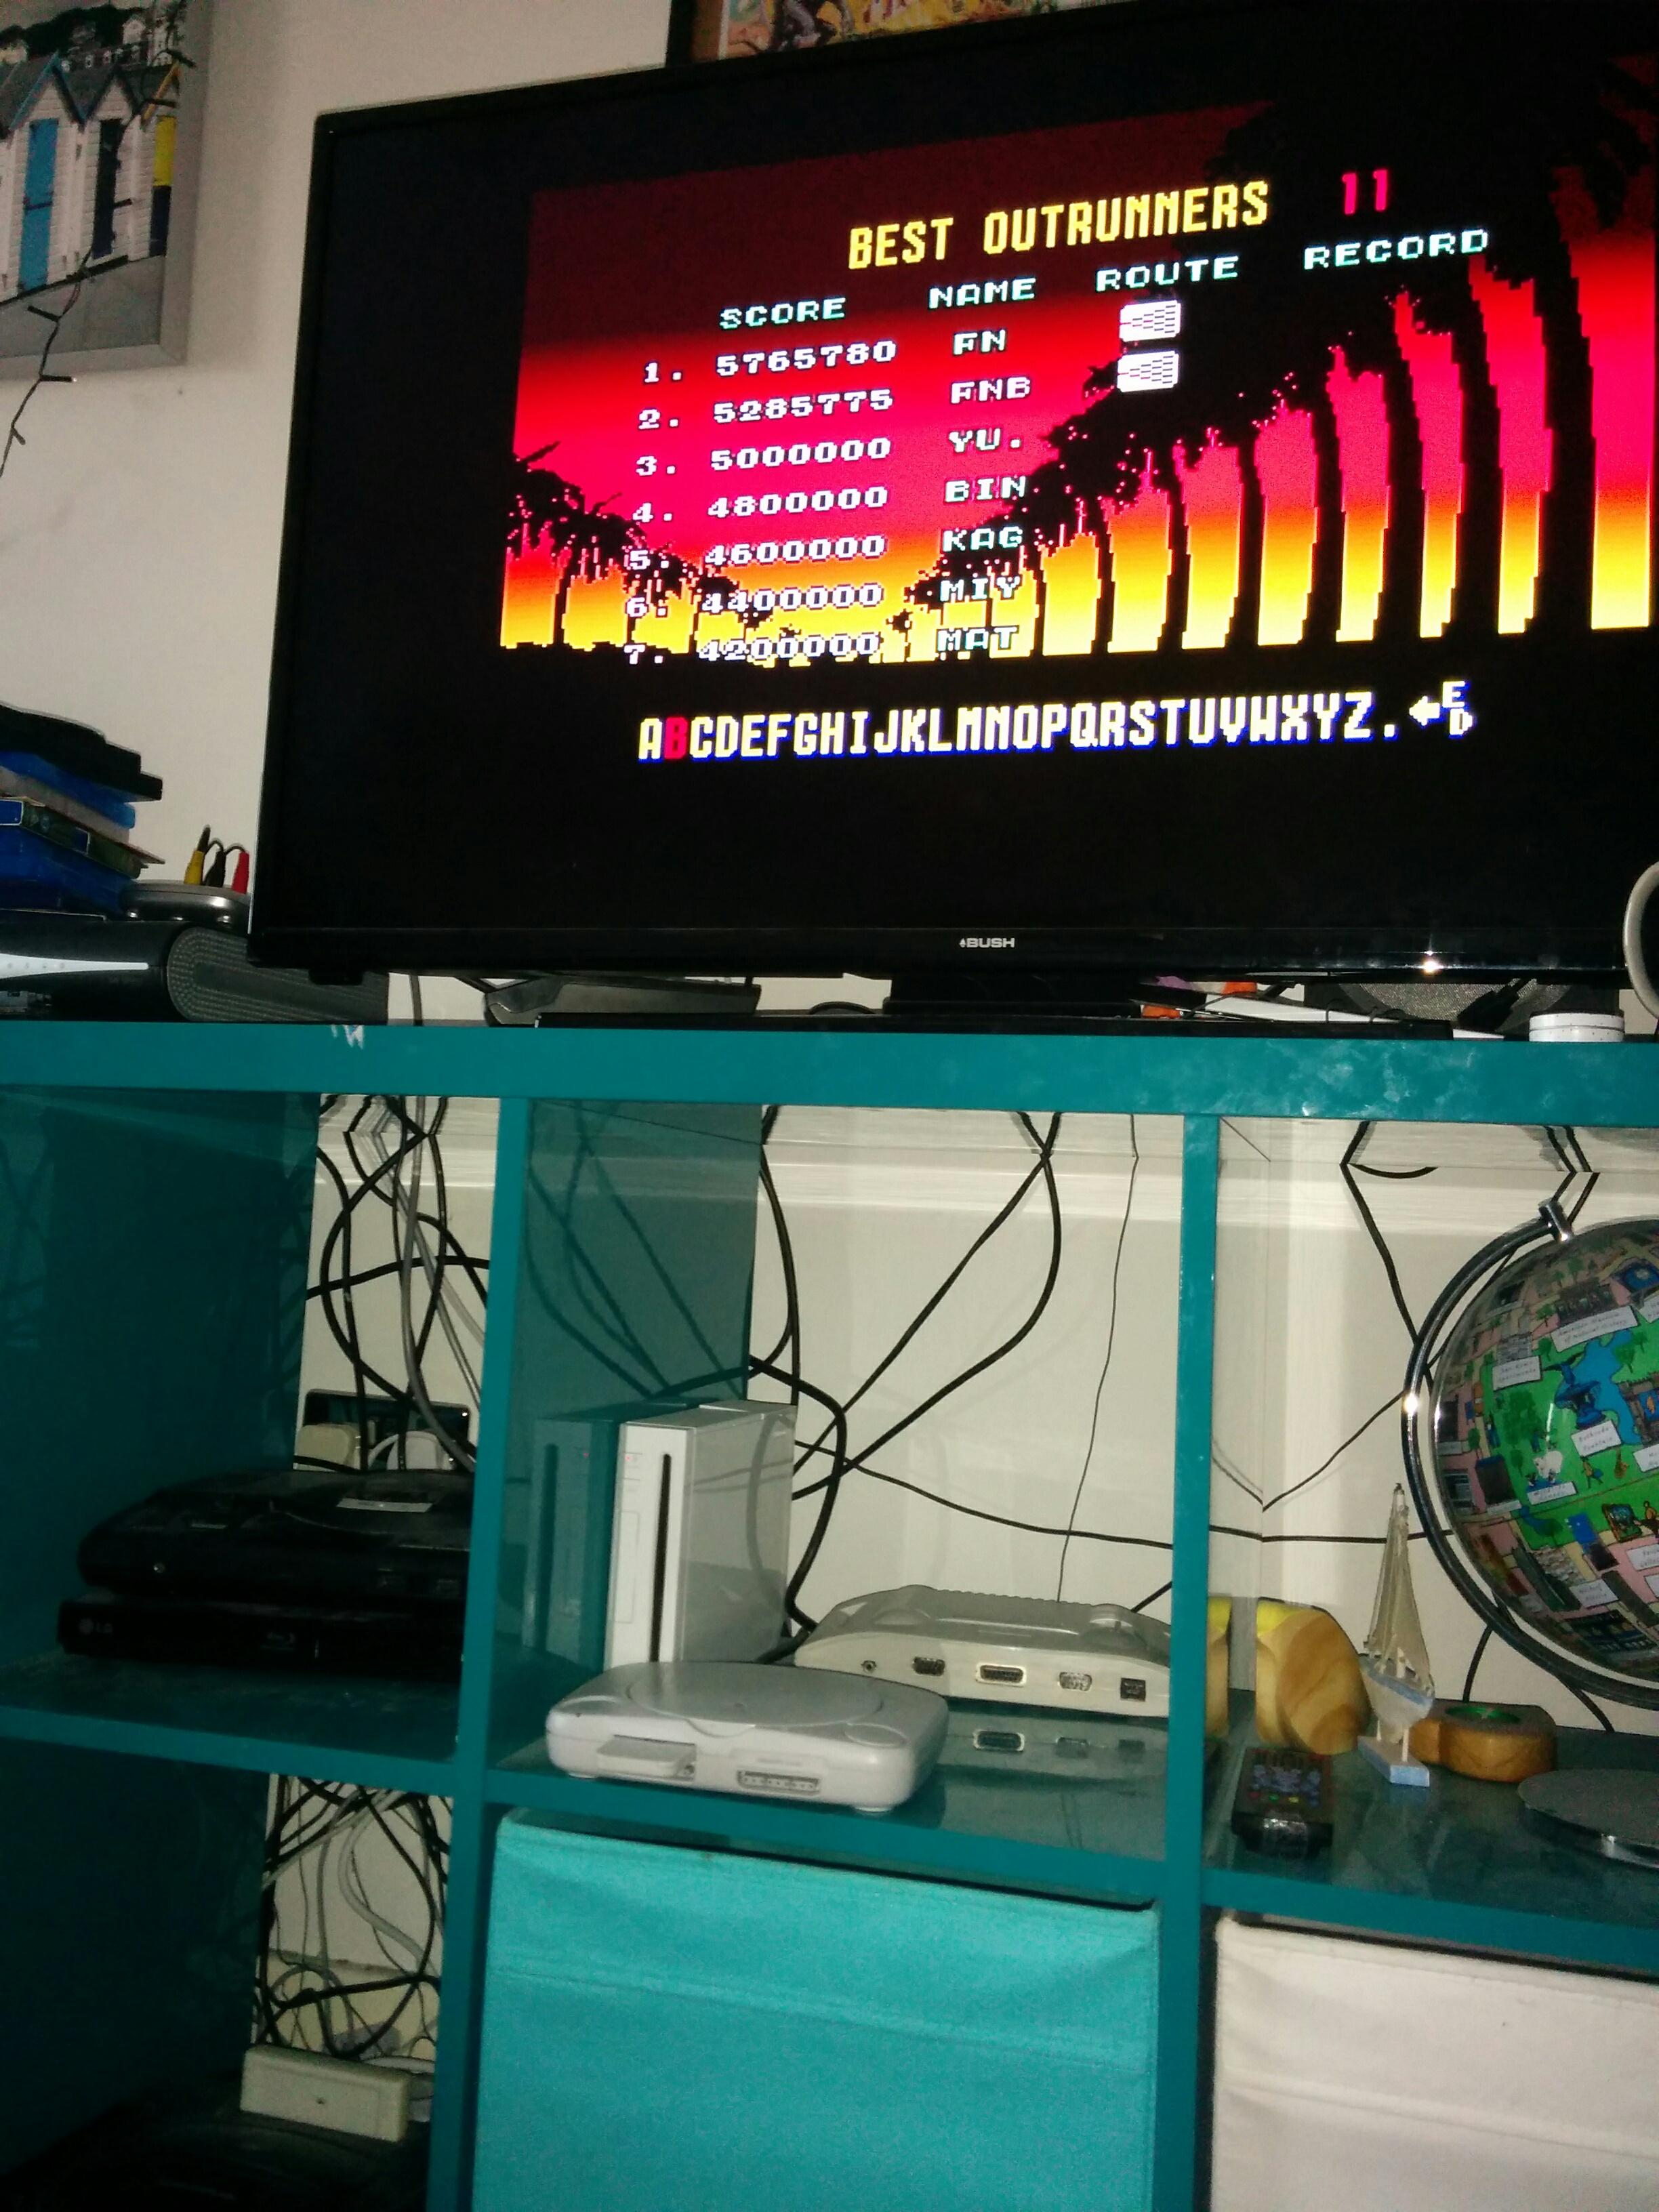 Sega Ages: Outrun 5,765,780 points